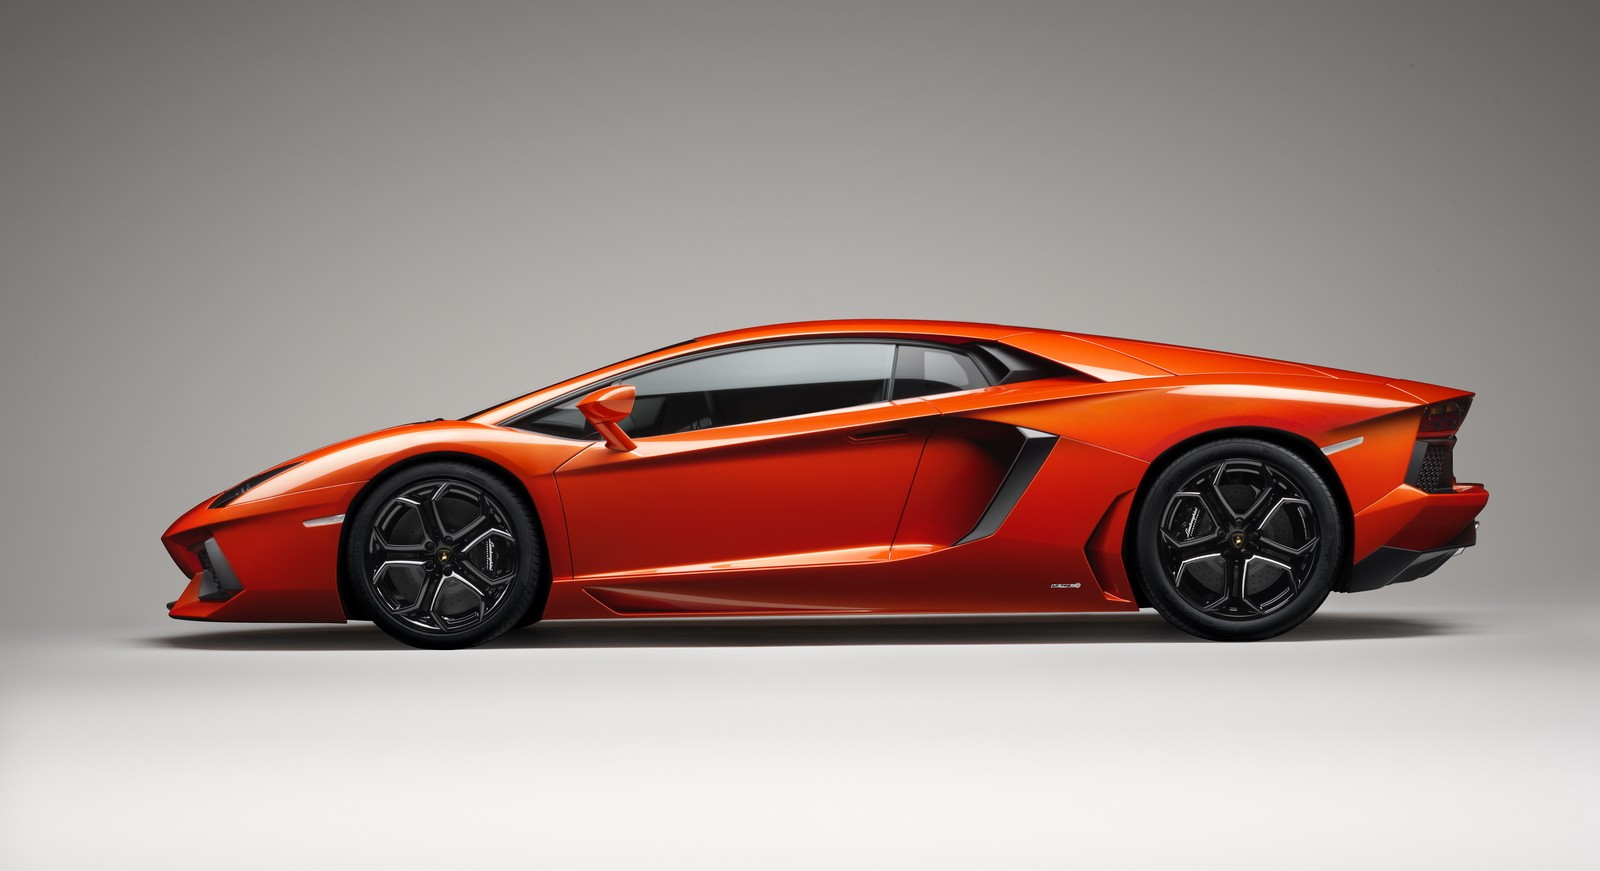 Gambar Mobil Lamborghini Dari Samping Mobil Terbaruku